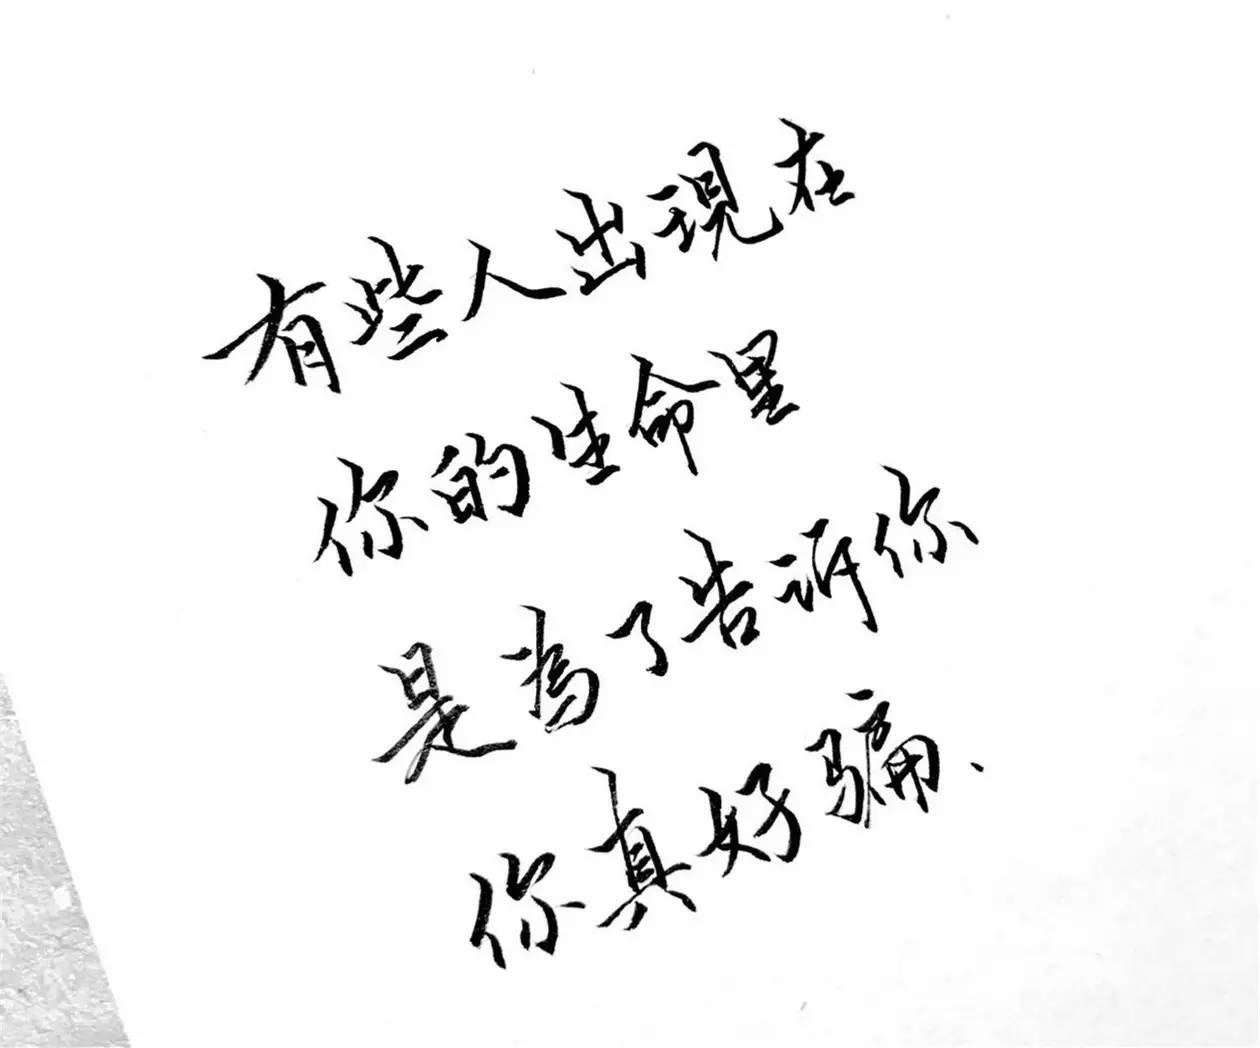 手绘表白小符号